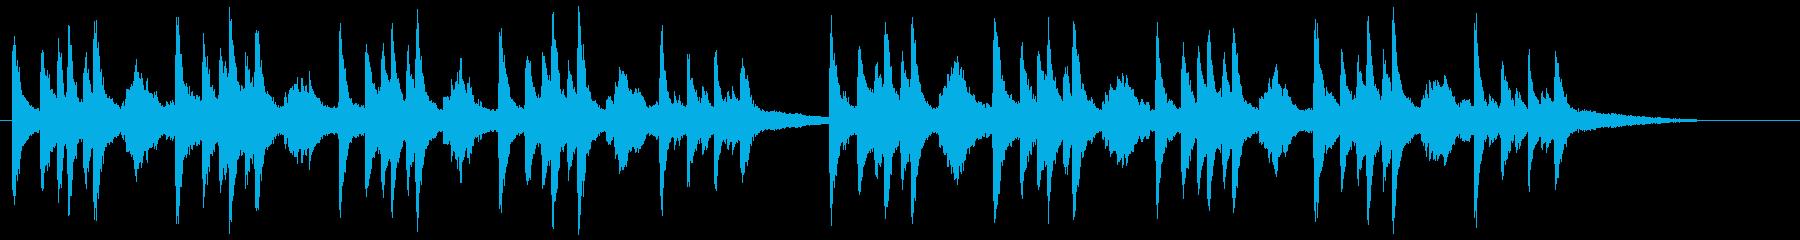 重厚で空間の広がりを感じさせるピアノ曲の再生済みの波形